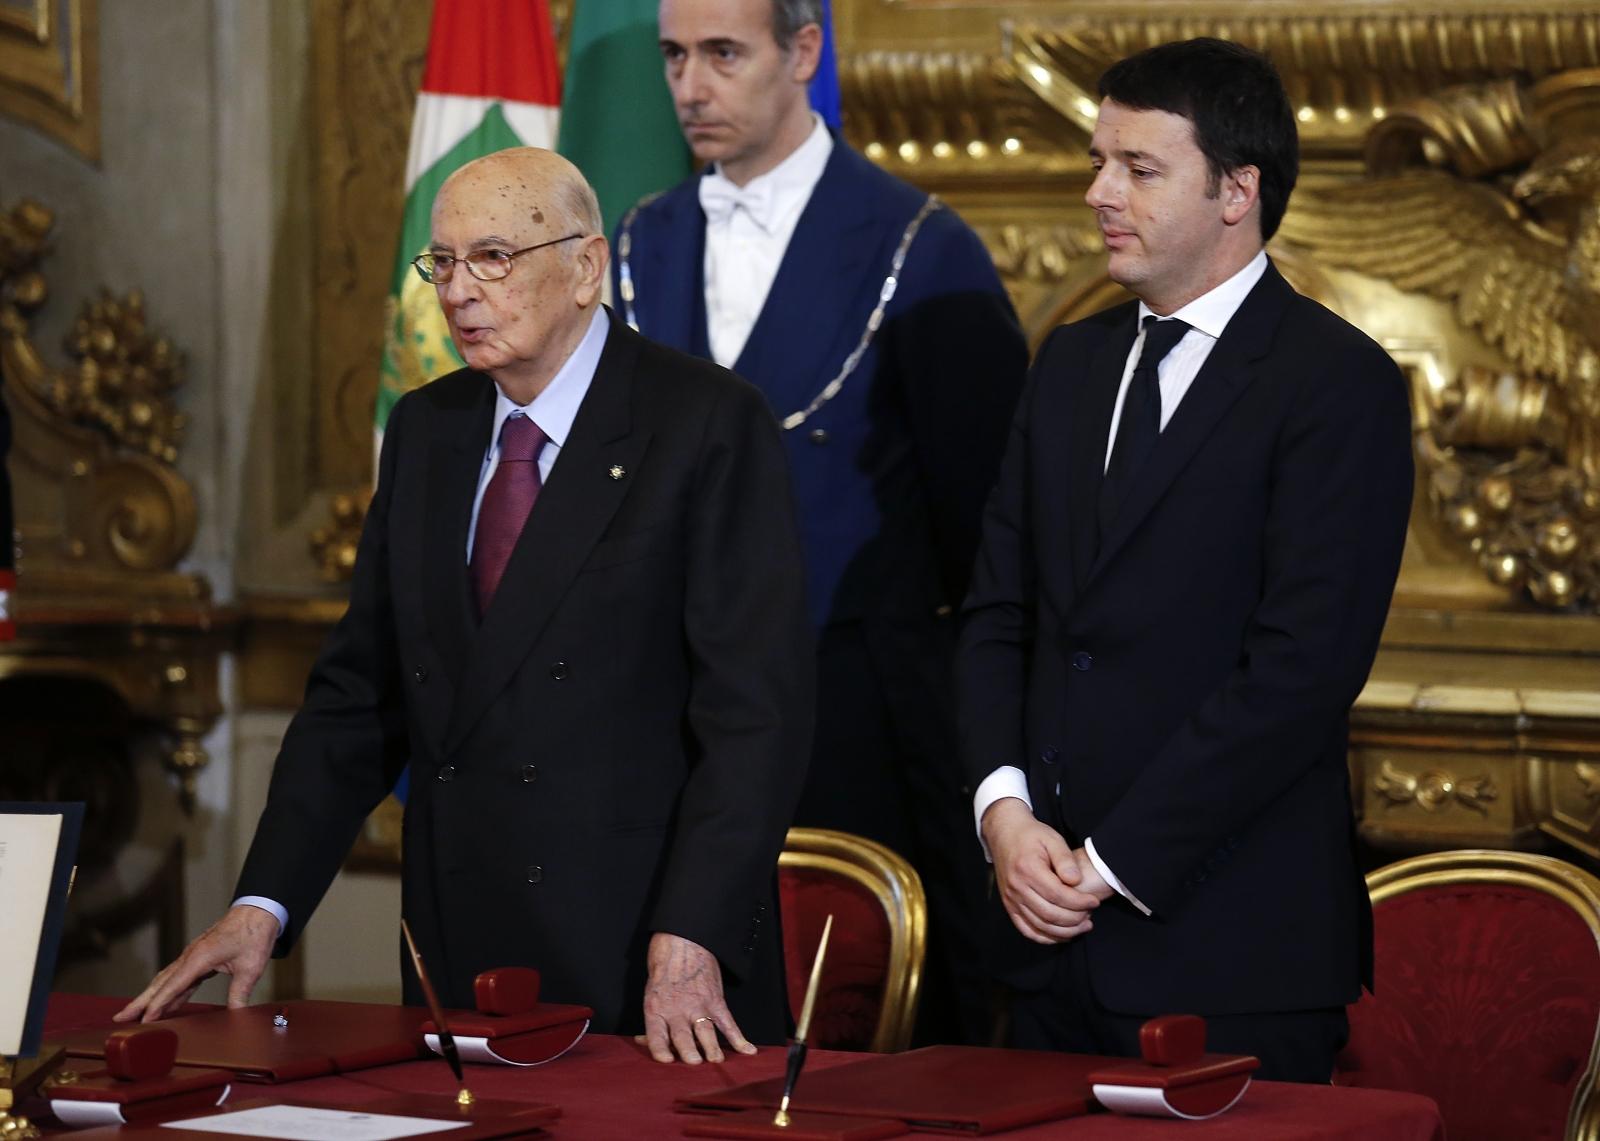 Italy's resigning President Giorgio Napolitano Prime Minister Matteo Renzi.